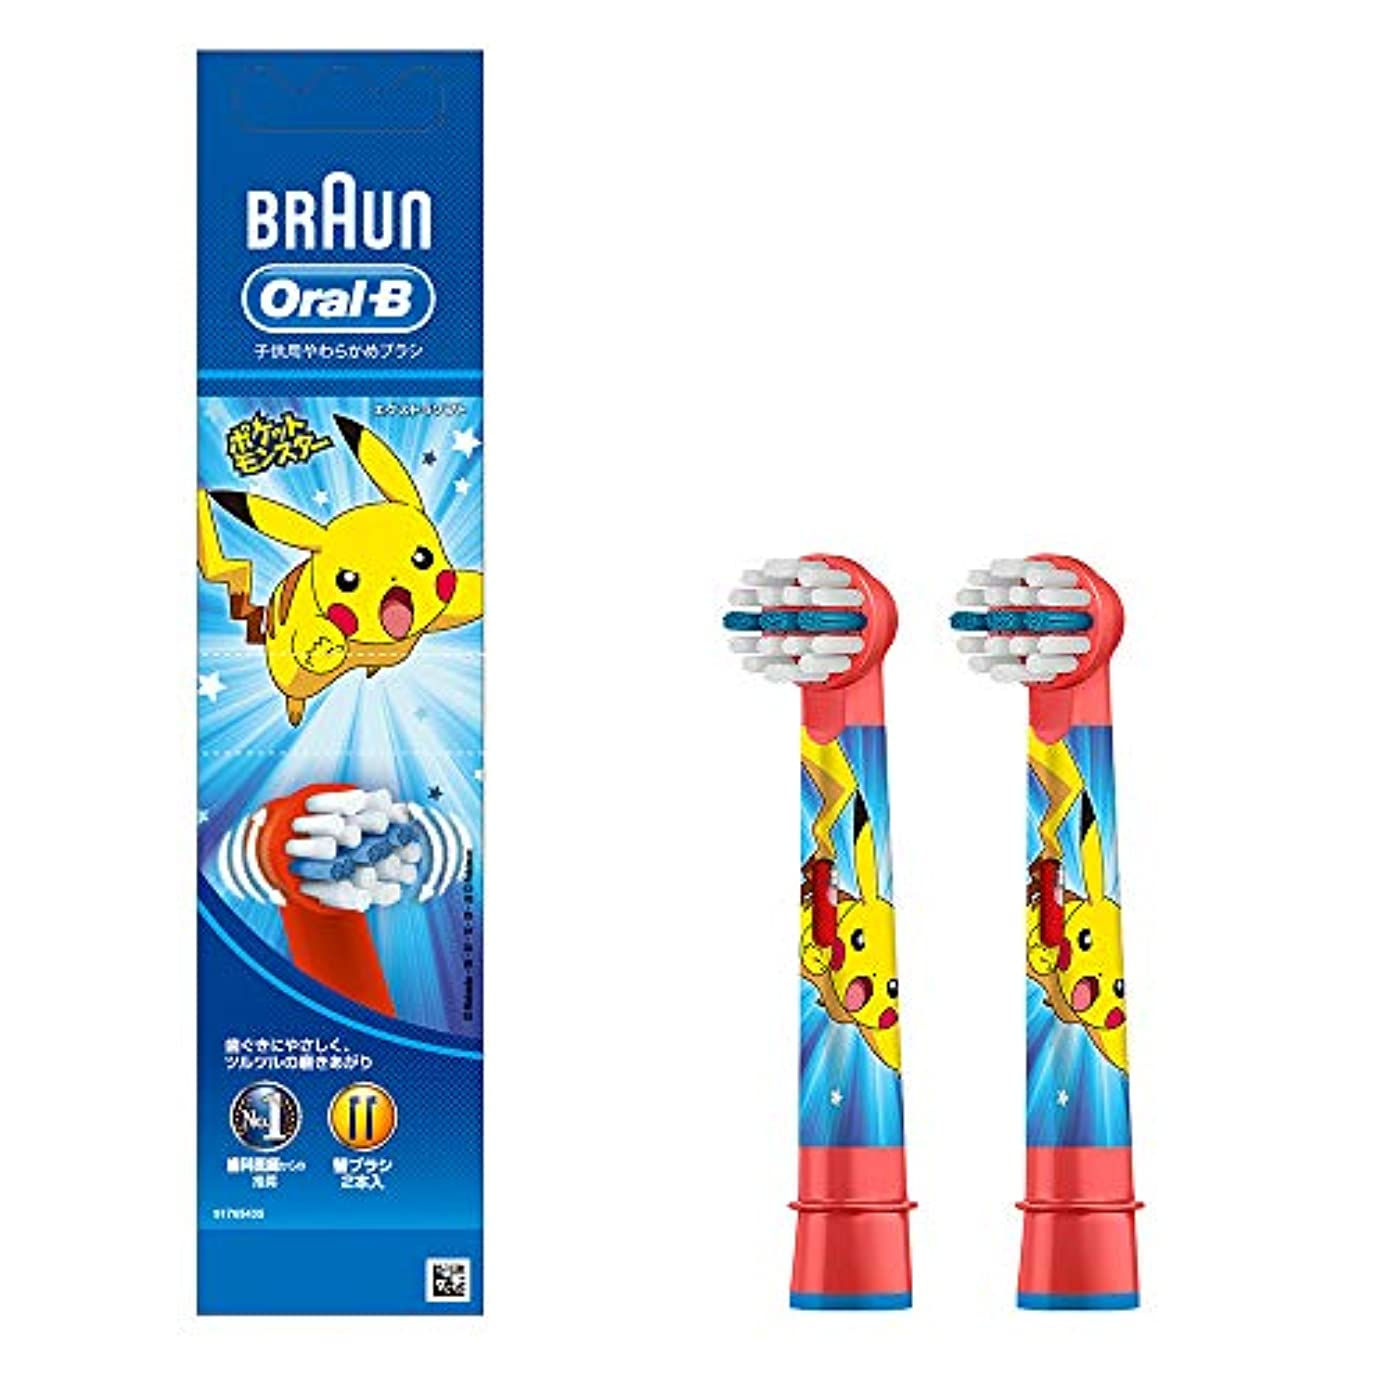 奇跡操作可能余暇ブラウン オーラルB 電動歯ブラシ 子供用 EB10-2KGE すみずみクリーンキッズ やわらかめ 替ブラシ レッド